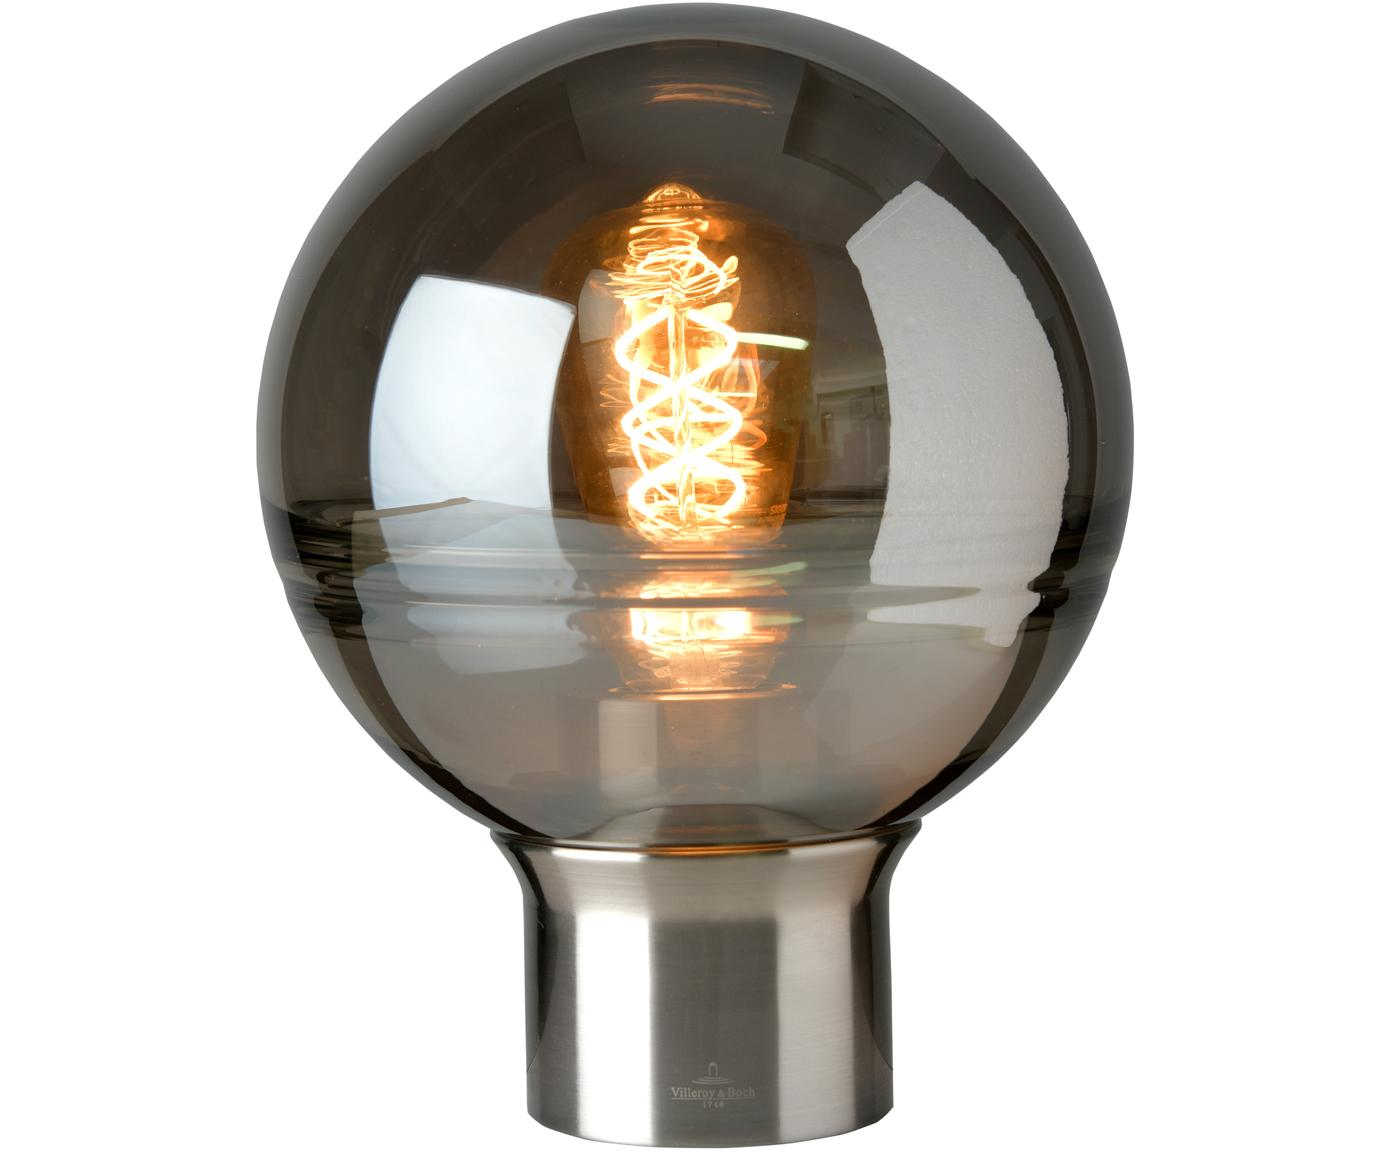 Lampada da tavolo in vetro Tokio, Paralume: vetro specchiato, Base della lampada: metallo satinato, Grigio, metallo, Ø 20 x Alt. 24 cm